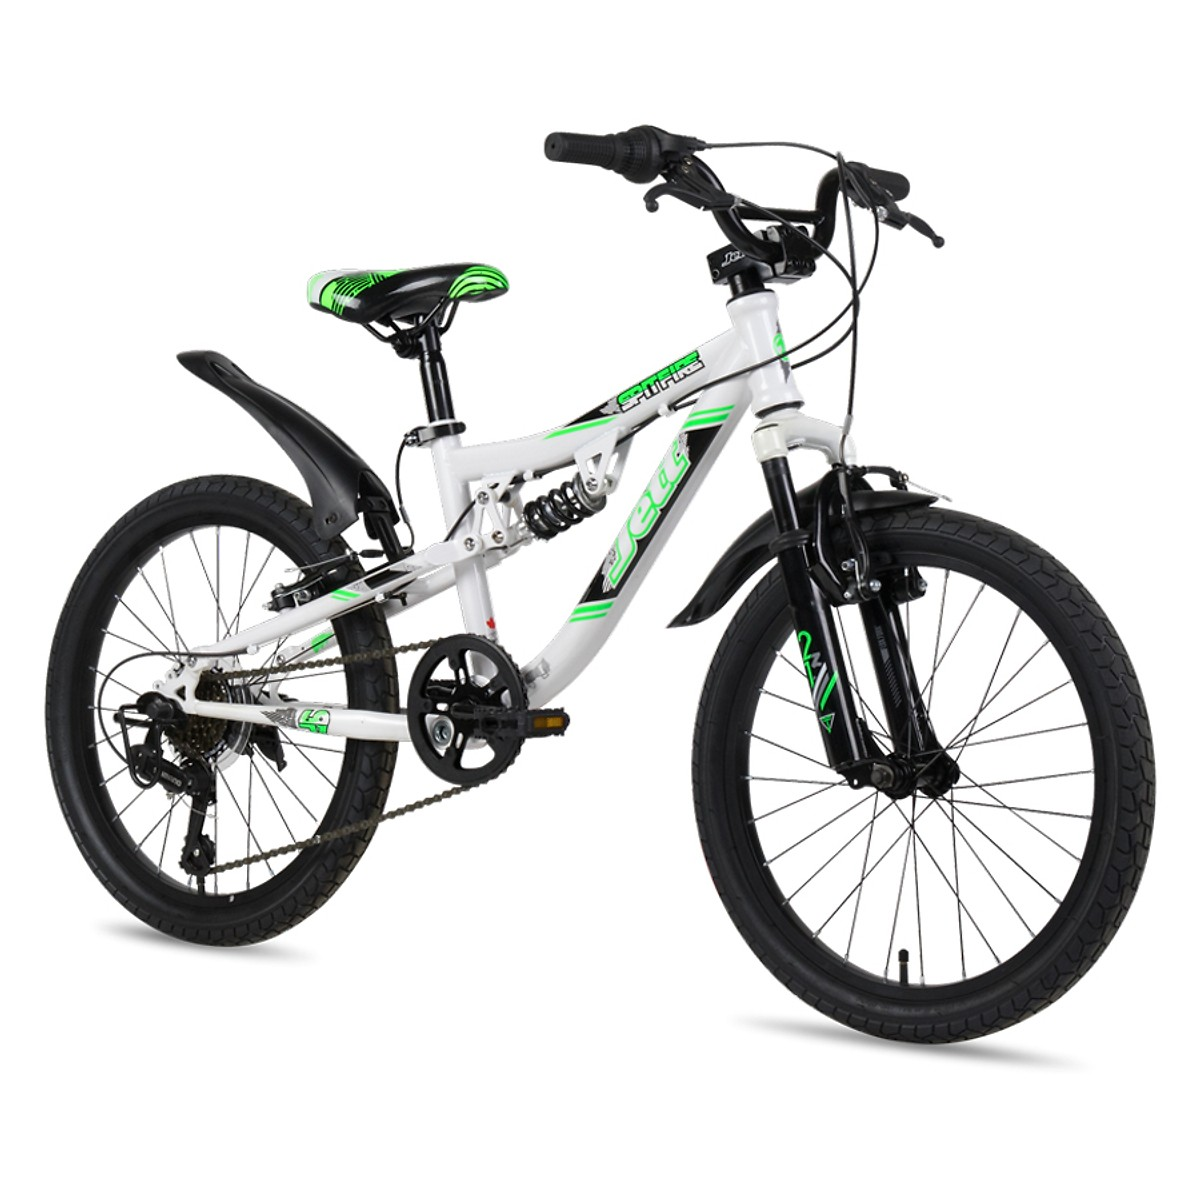 Chia sẻ cách chọn xe đạp trẻ em loại nào tốt cho phụ huynh 3